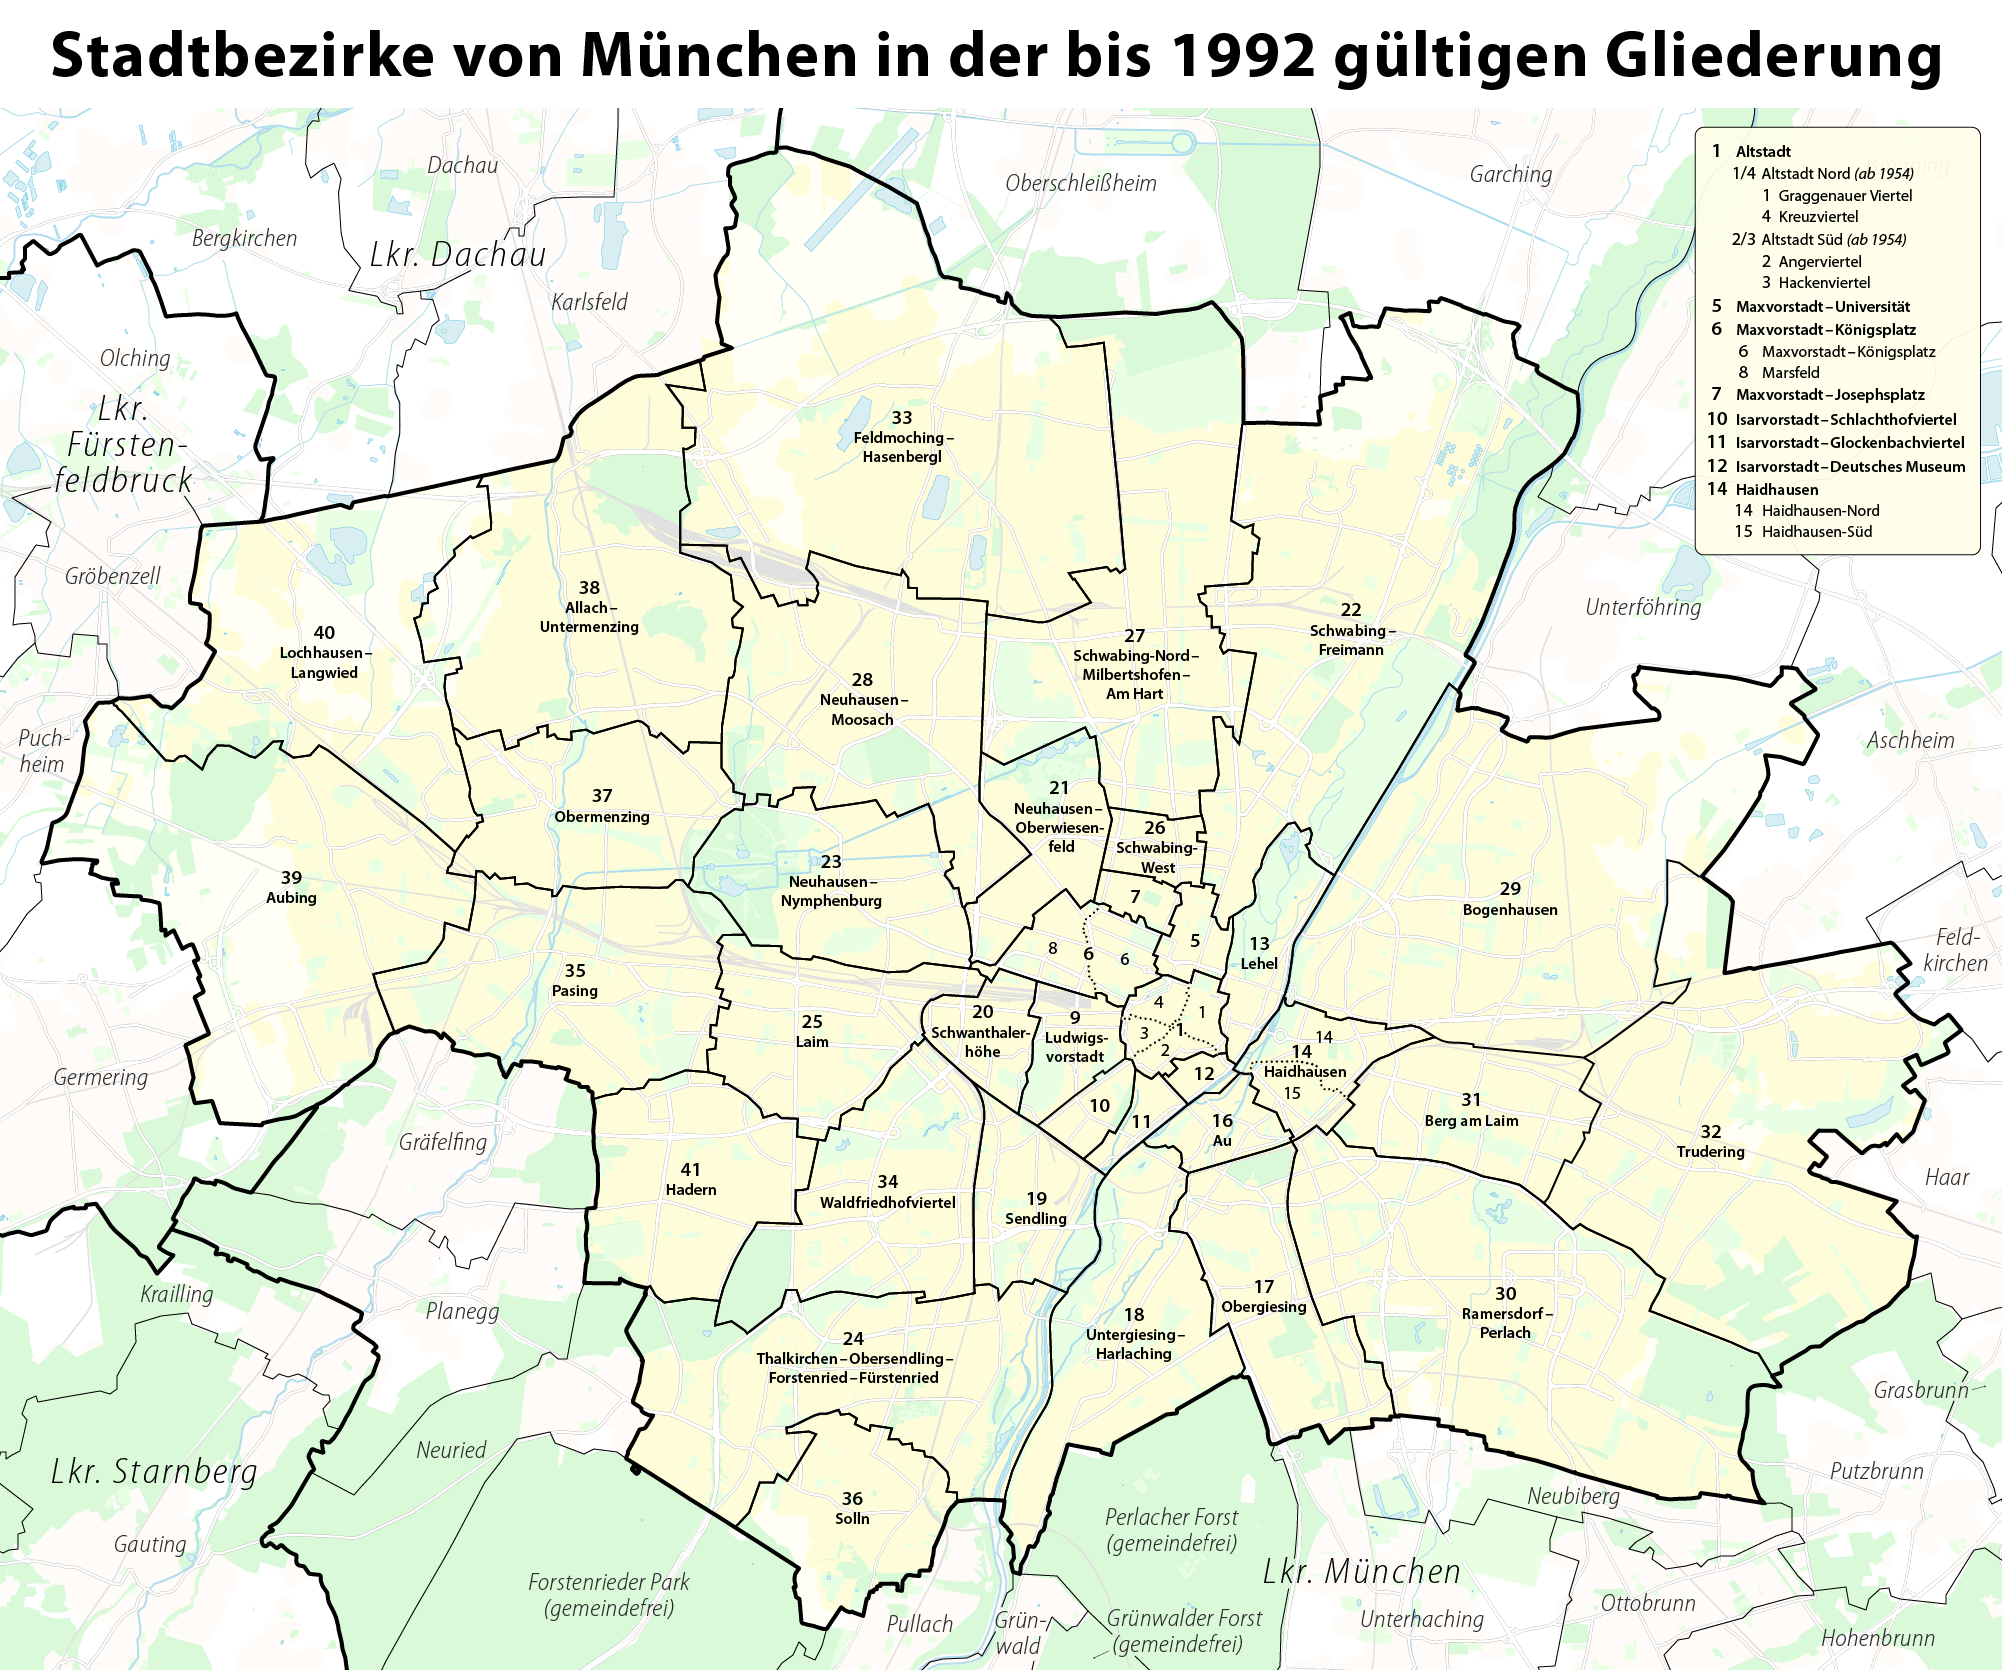 file karte der stadtbezirke in m nchen in der bis 1992 g ltigen. Black Bedroom Furniture Sets. Home Design Ideas